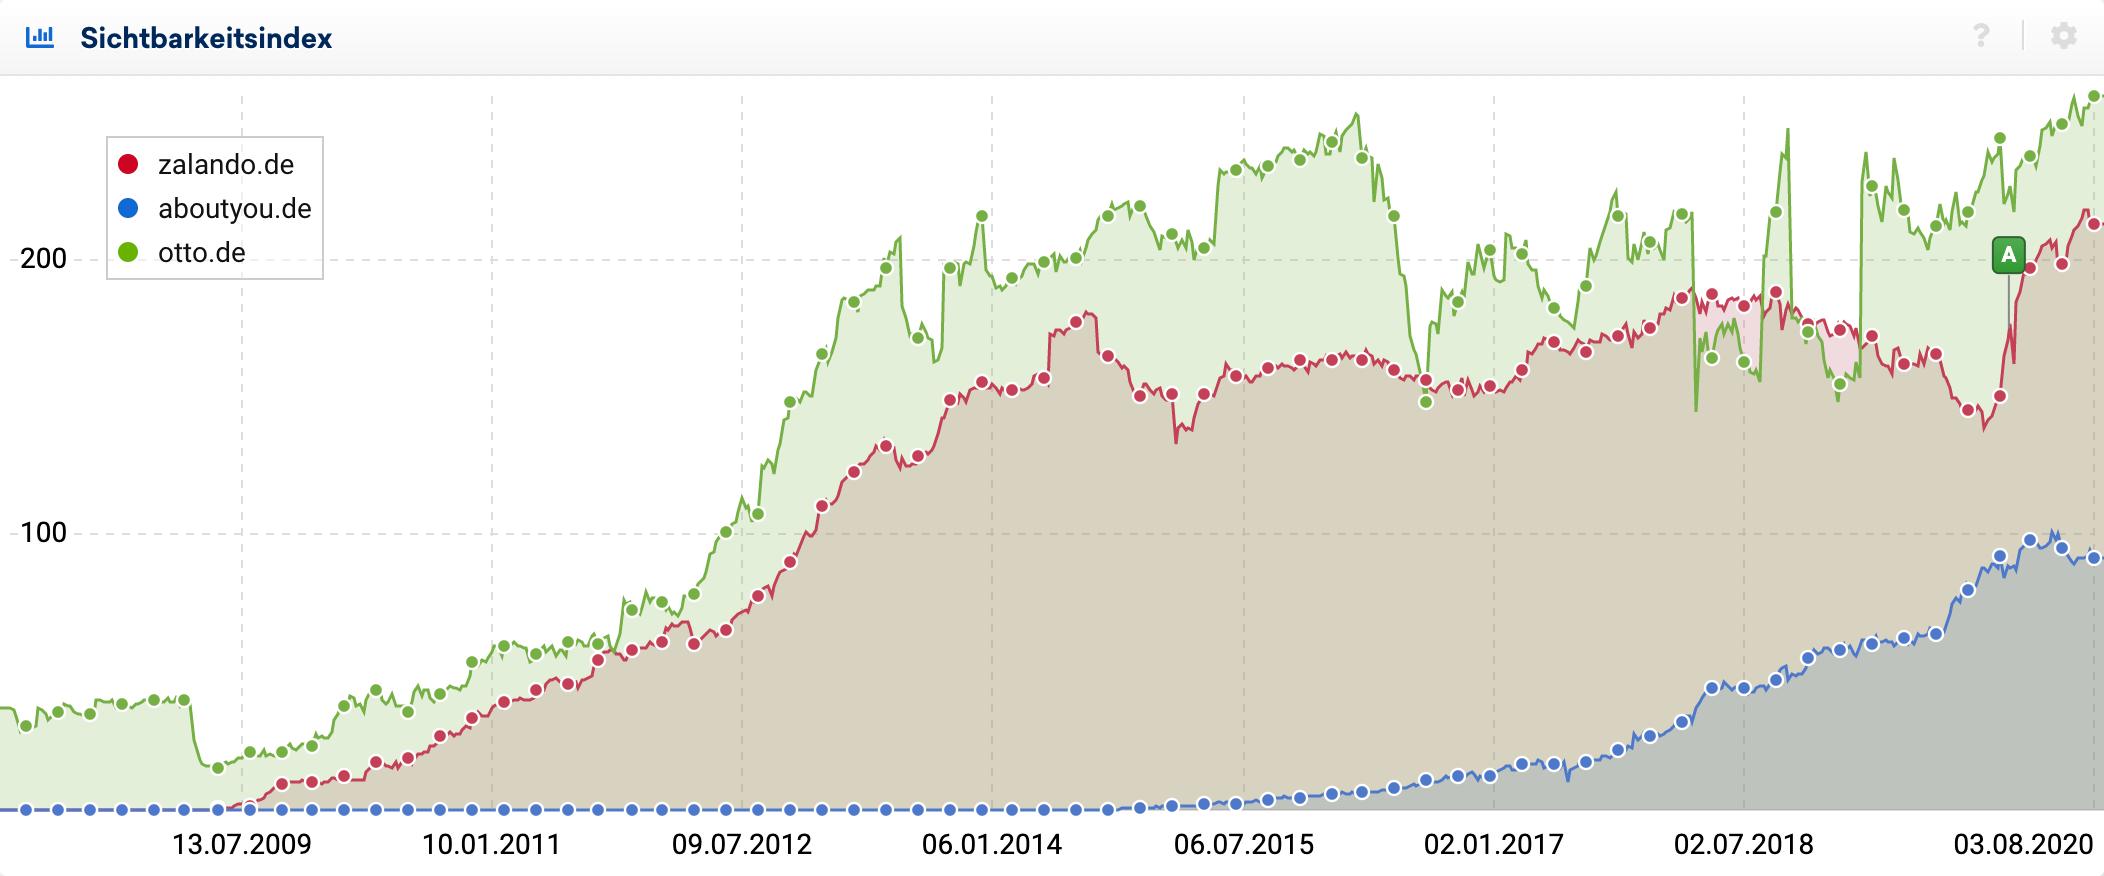 Sichtbarkeitsindex Vergleich zwischen zalando.de, aboutyou.de und otto.de.